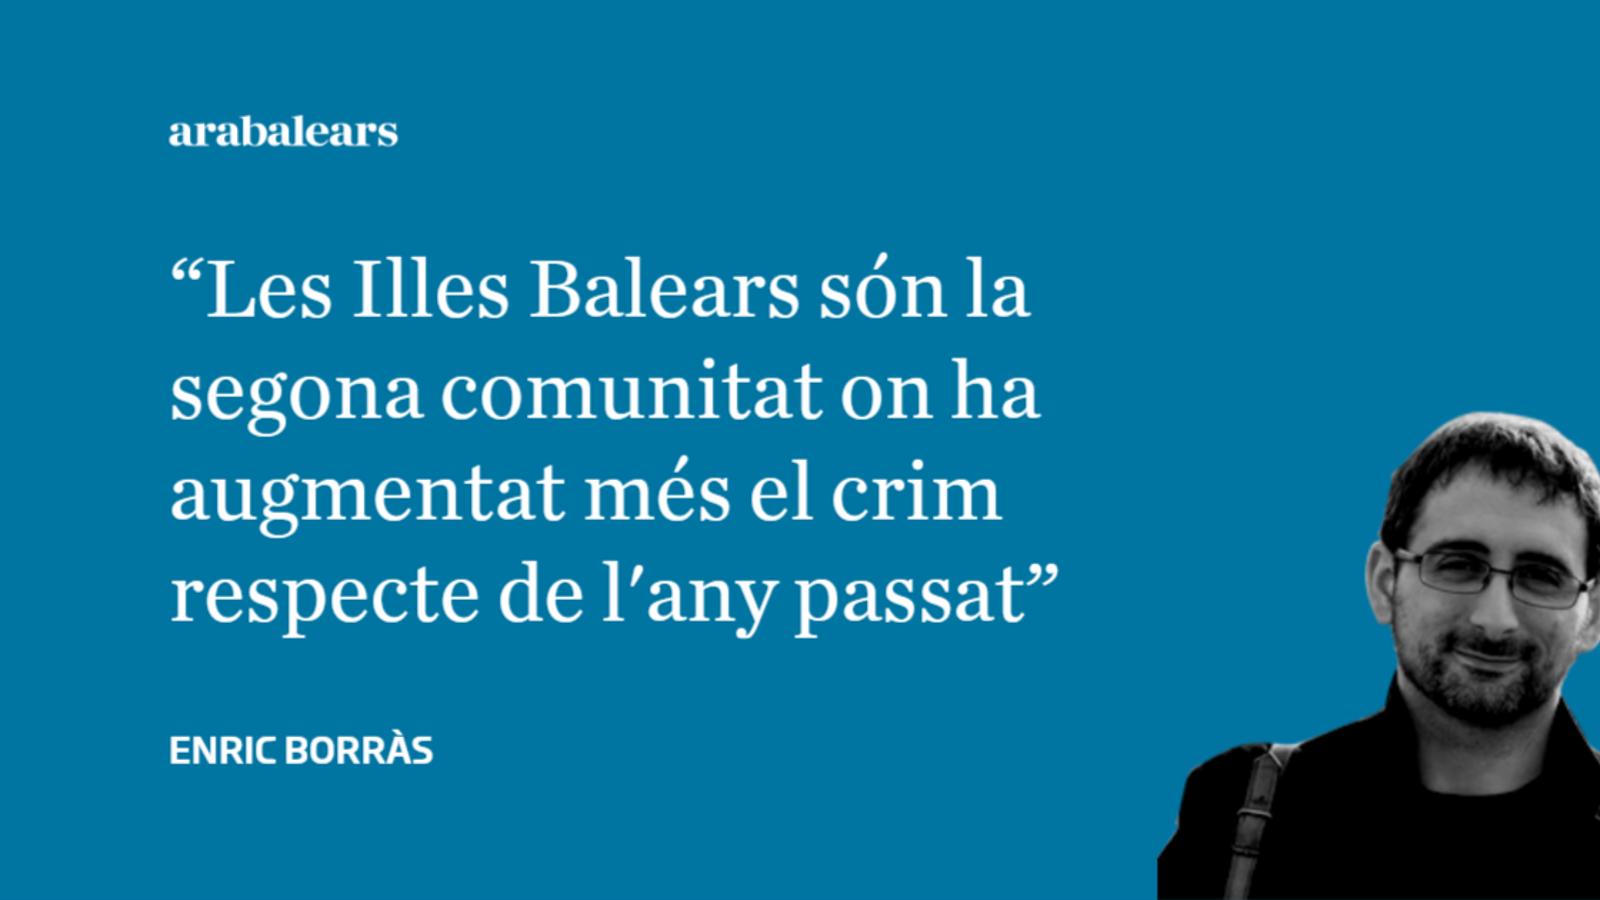 El govern espanyol ha d'explicar per què es dispara el crim a les Balears